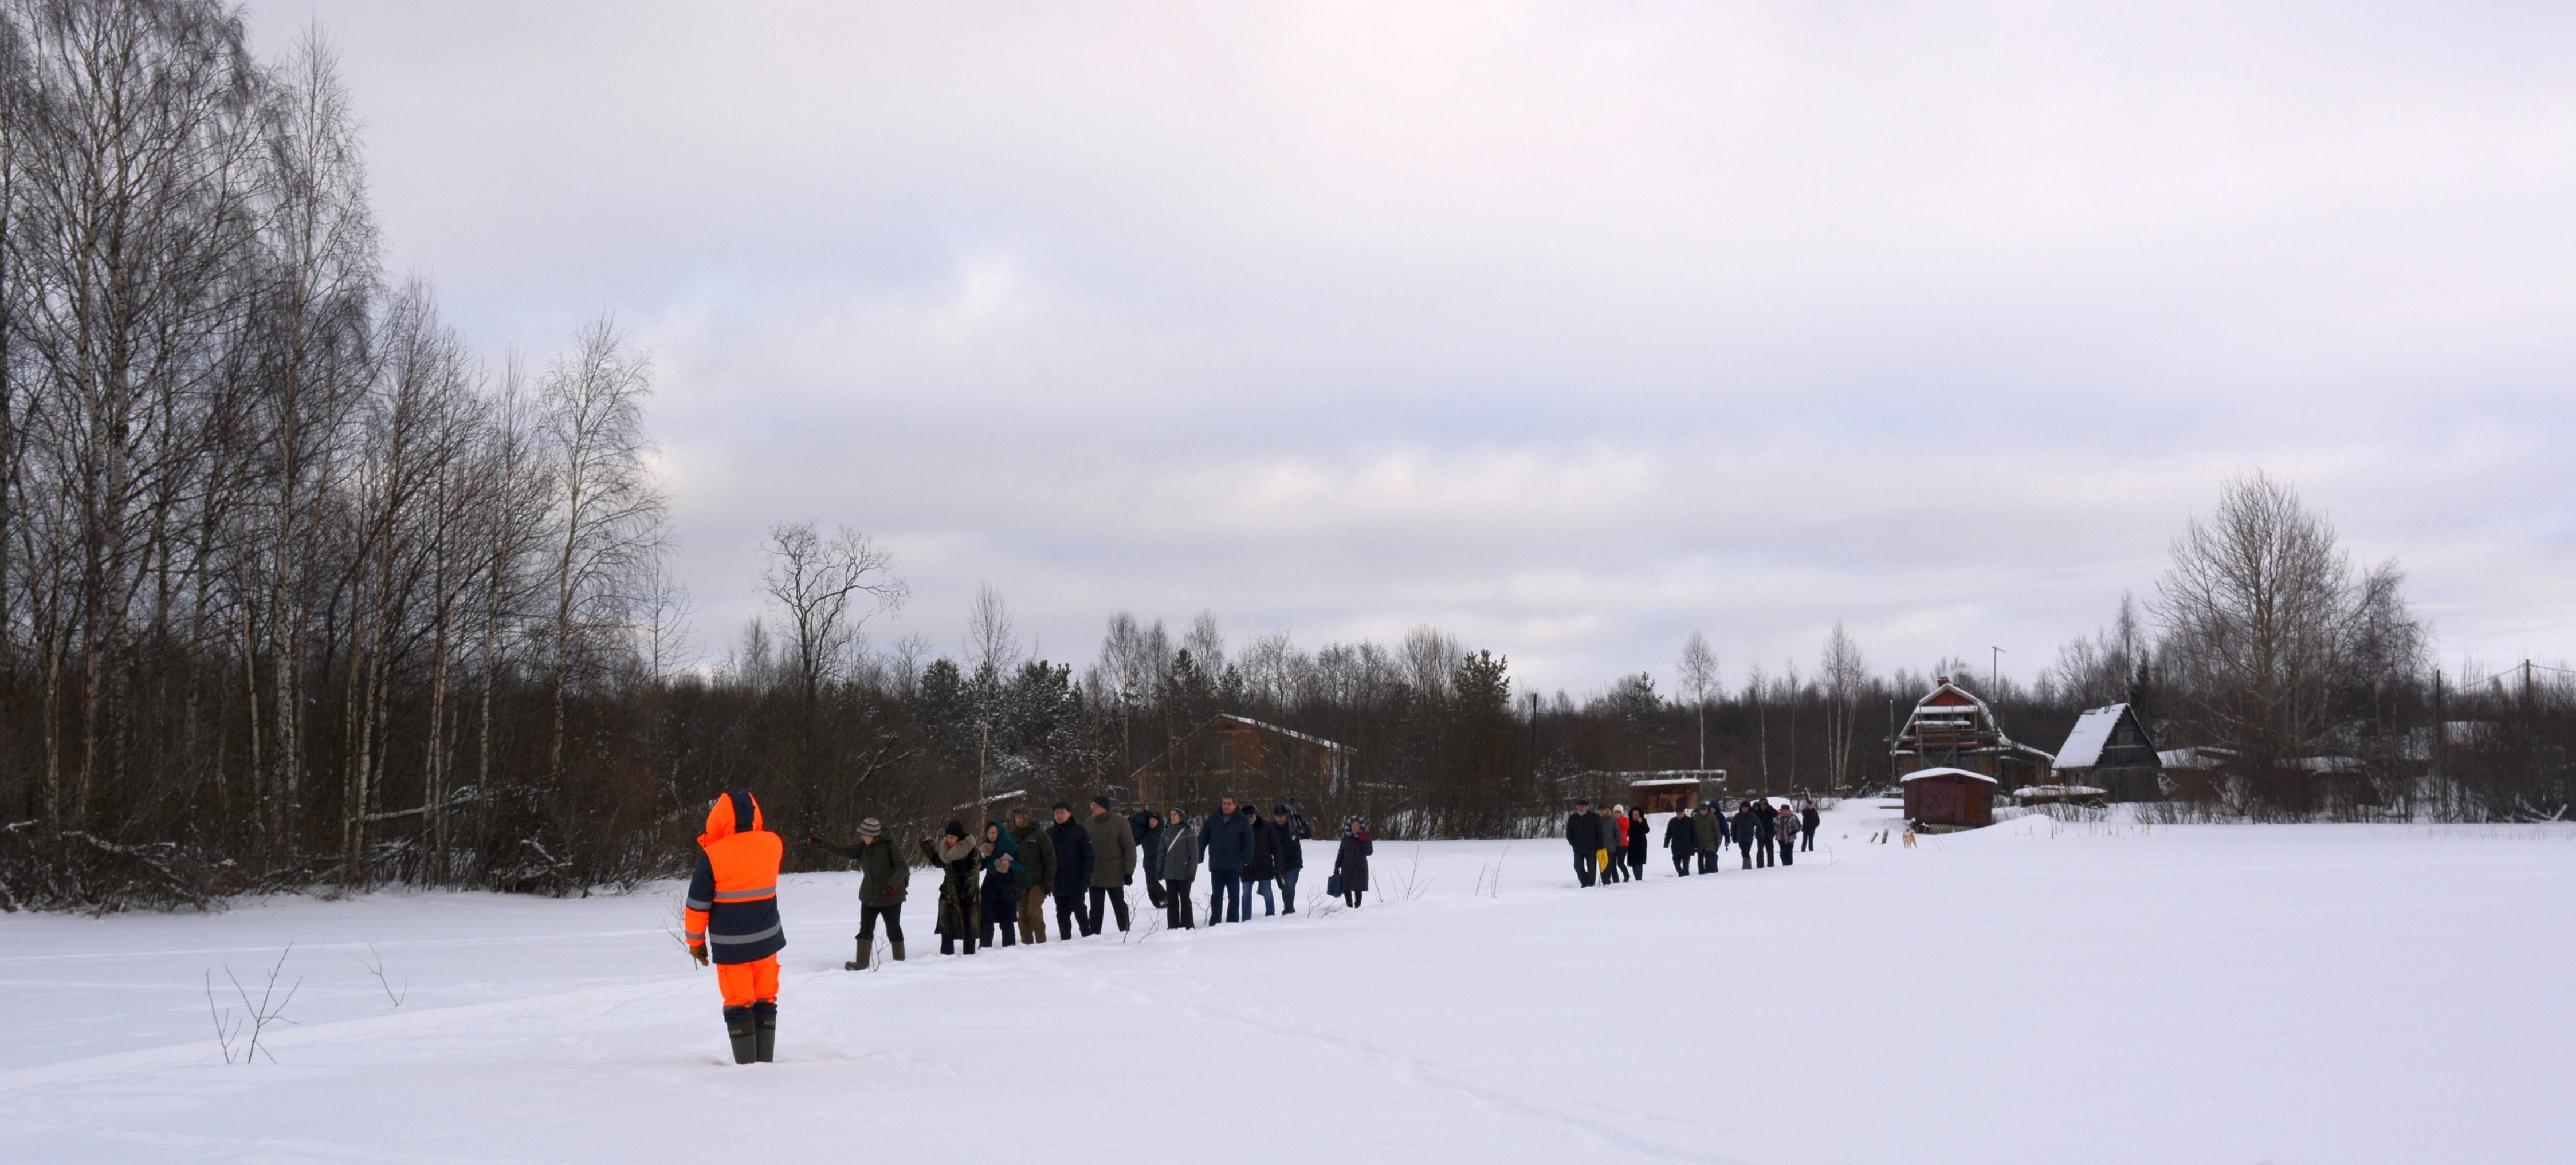 Члены СПЧ идут по льду Суны. Фото: Алексей Владимиров